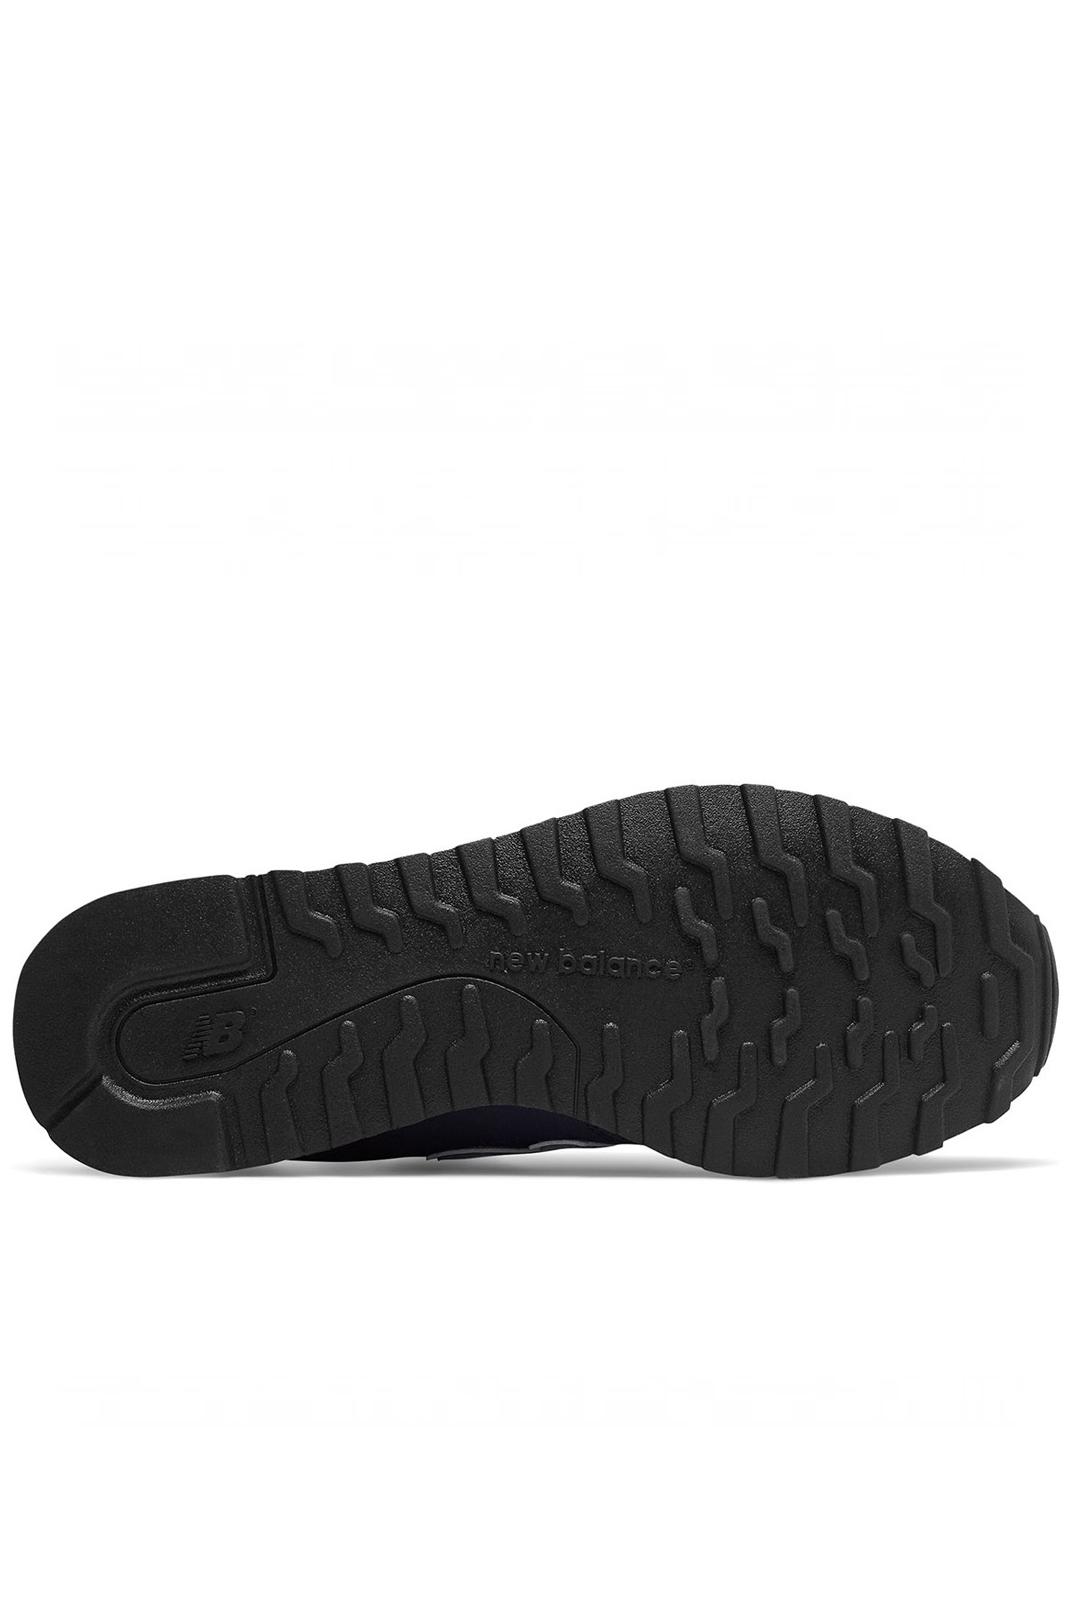 Baskets / Sport  New balance GM500BLG BLEU